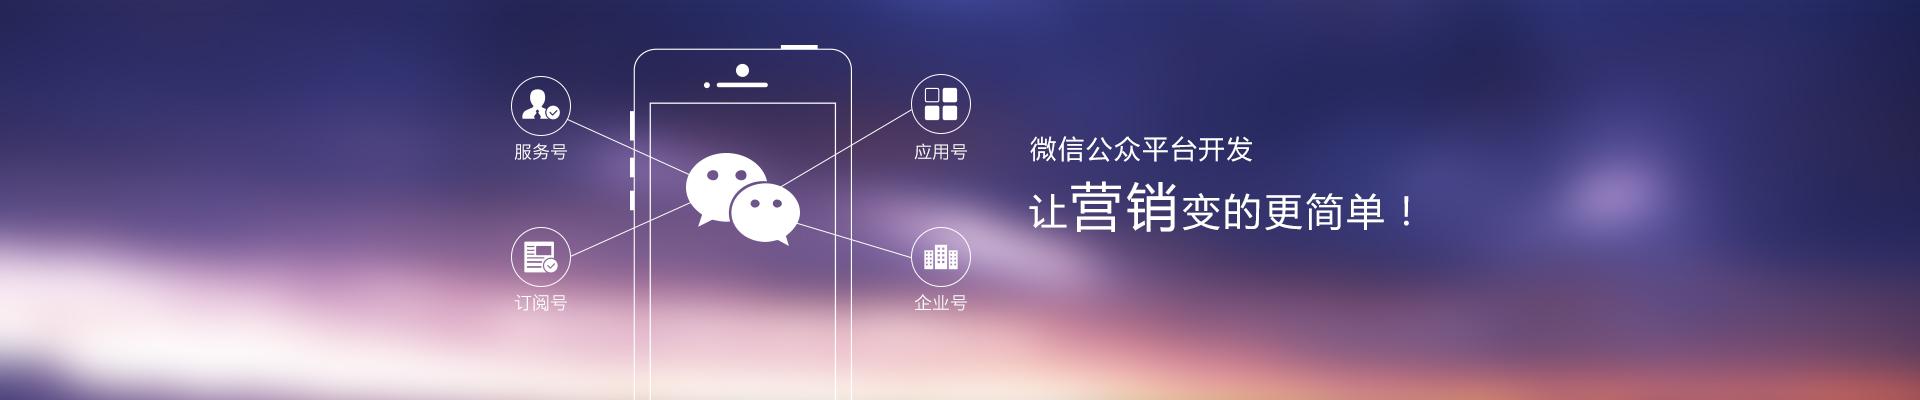 微信二次开发,国内专业微信公众平台开发服务企业-商